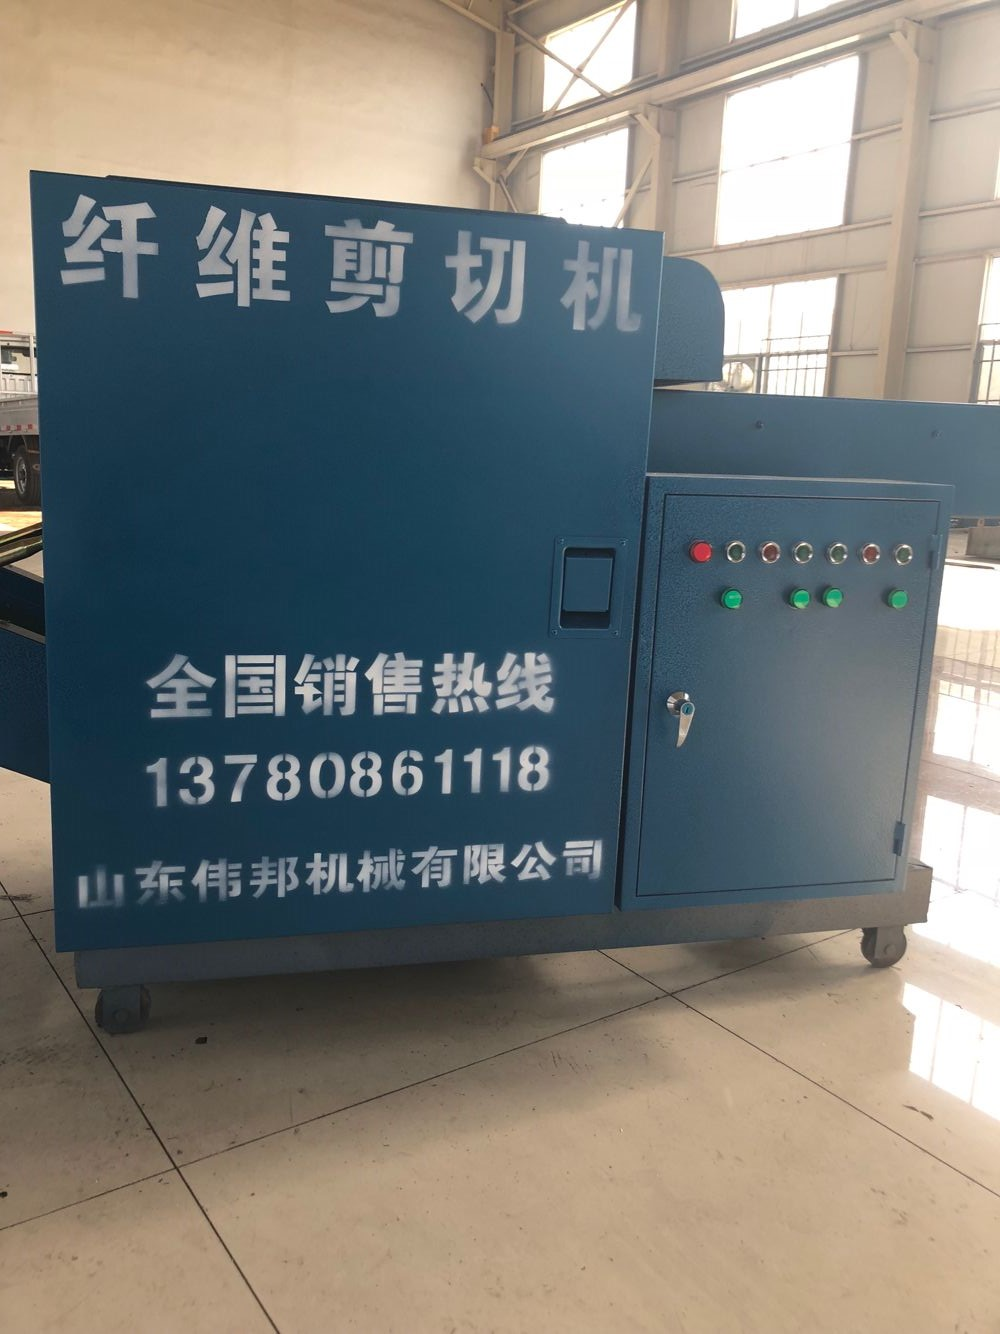 棕榈丝纤维破碎机/竹纤维剪切机/干草切断机-山东青州伟邦机械